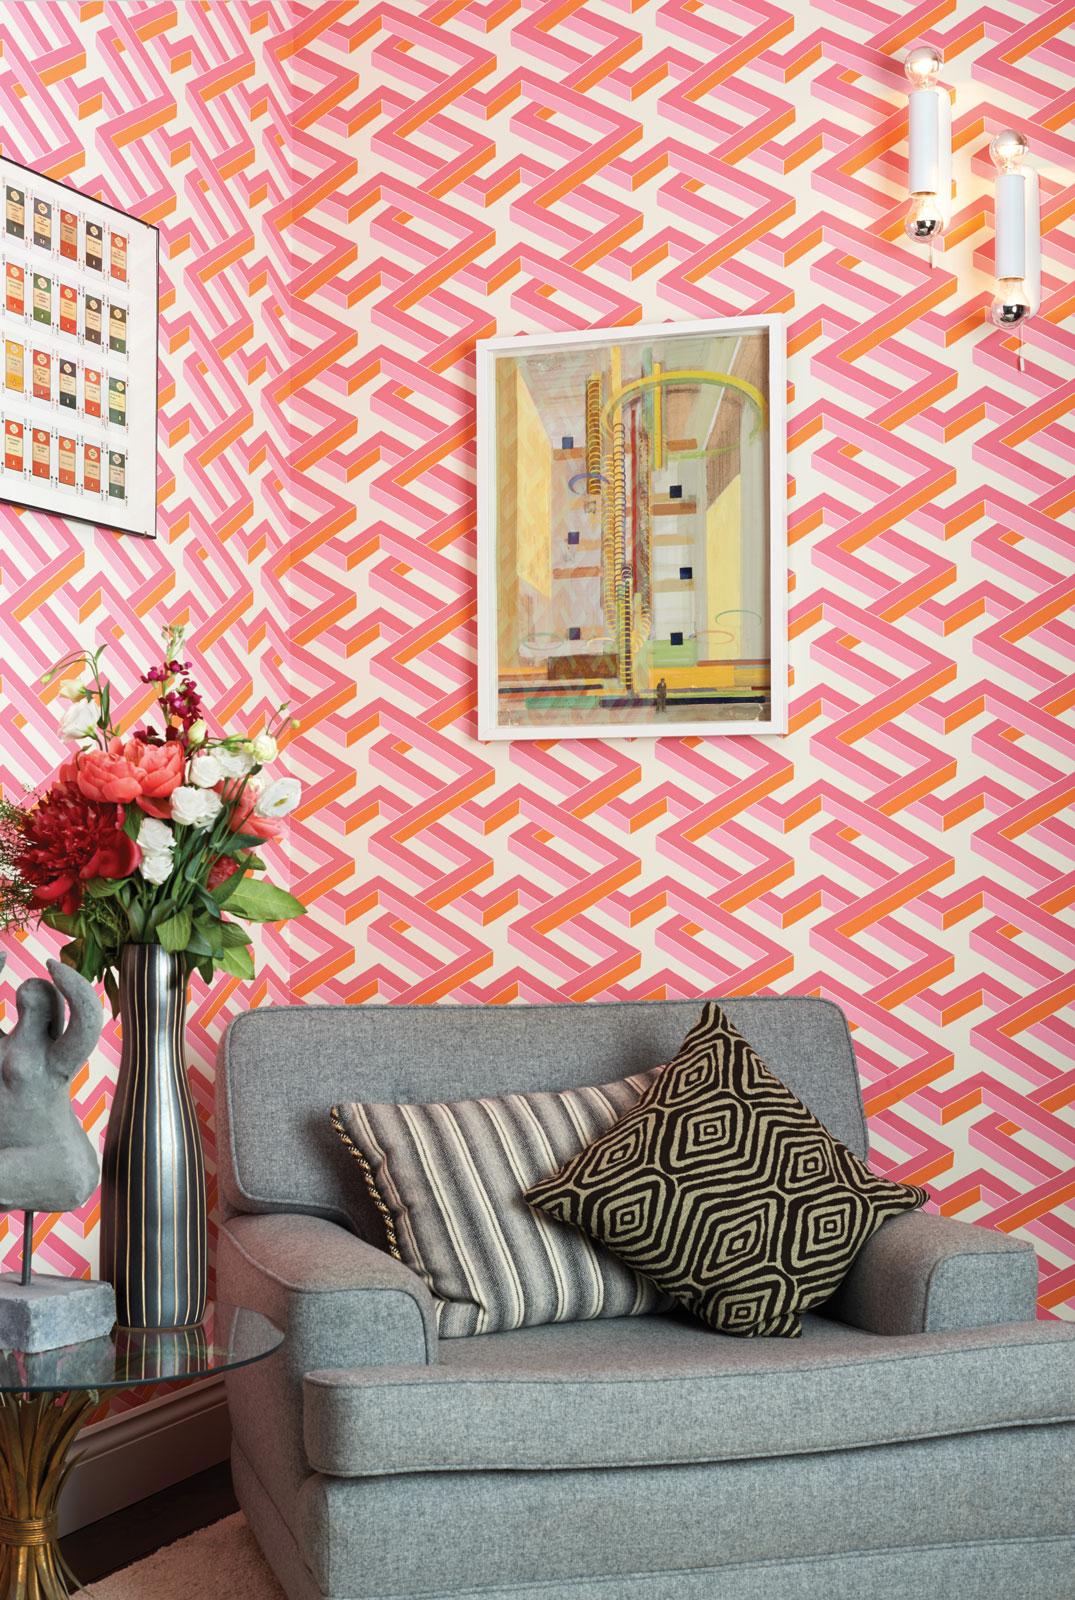 les papiers peint cole son g ometric ii. Black Bedroom Furniture Sets. Home Design Ideas